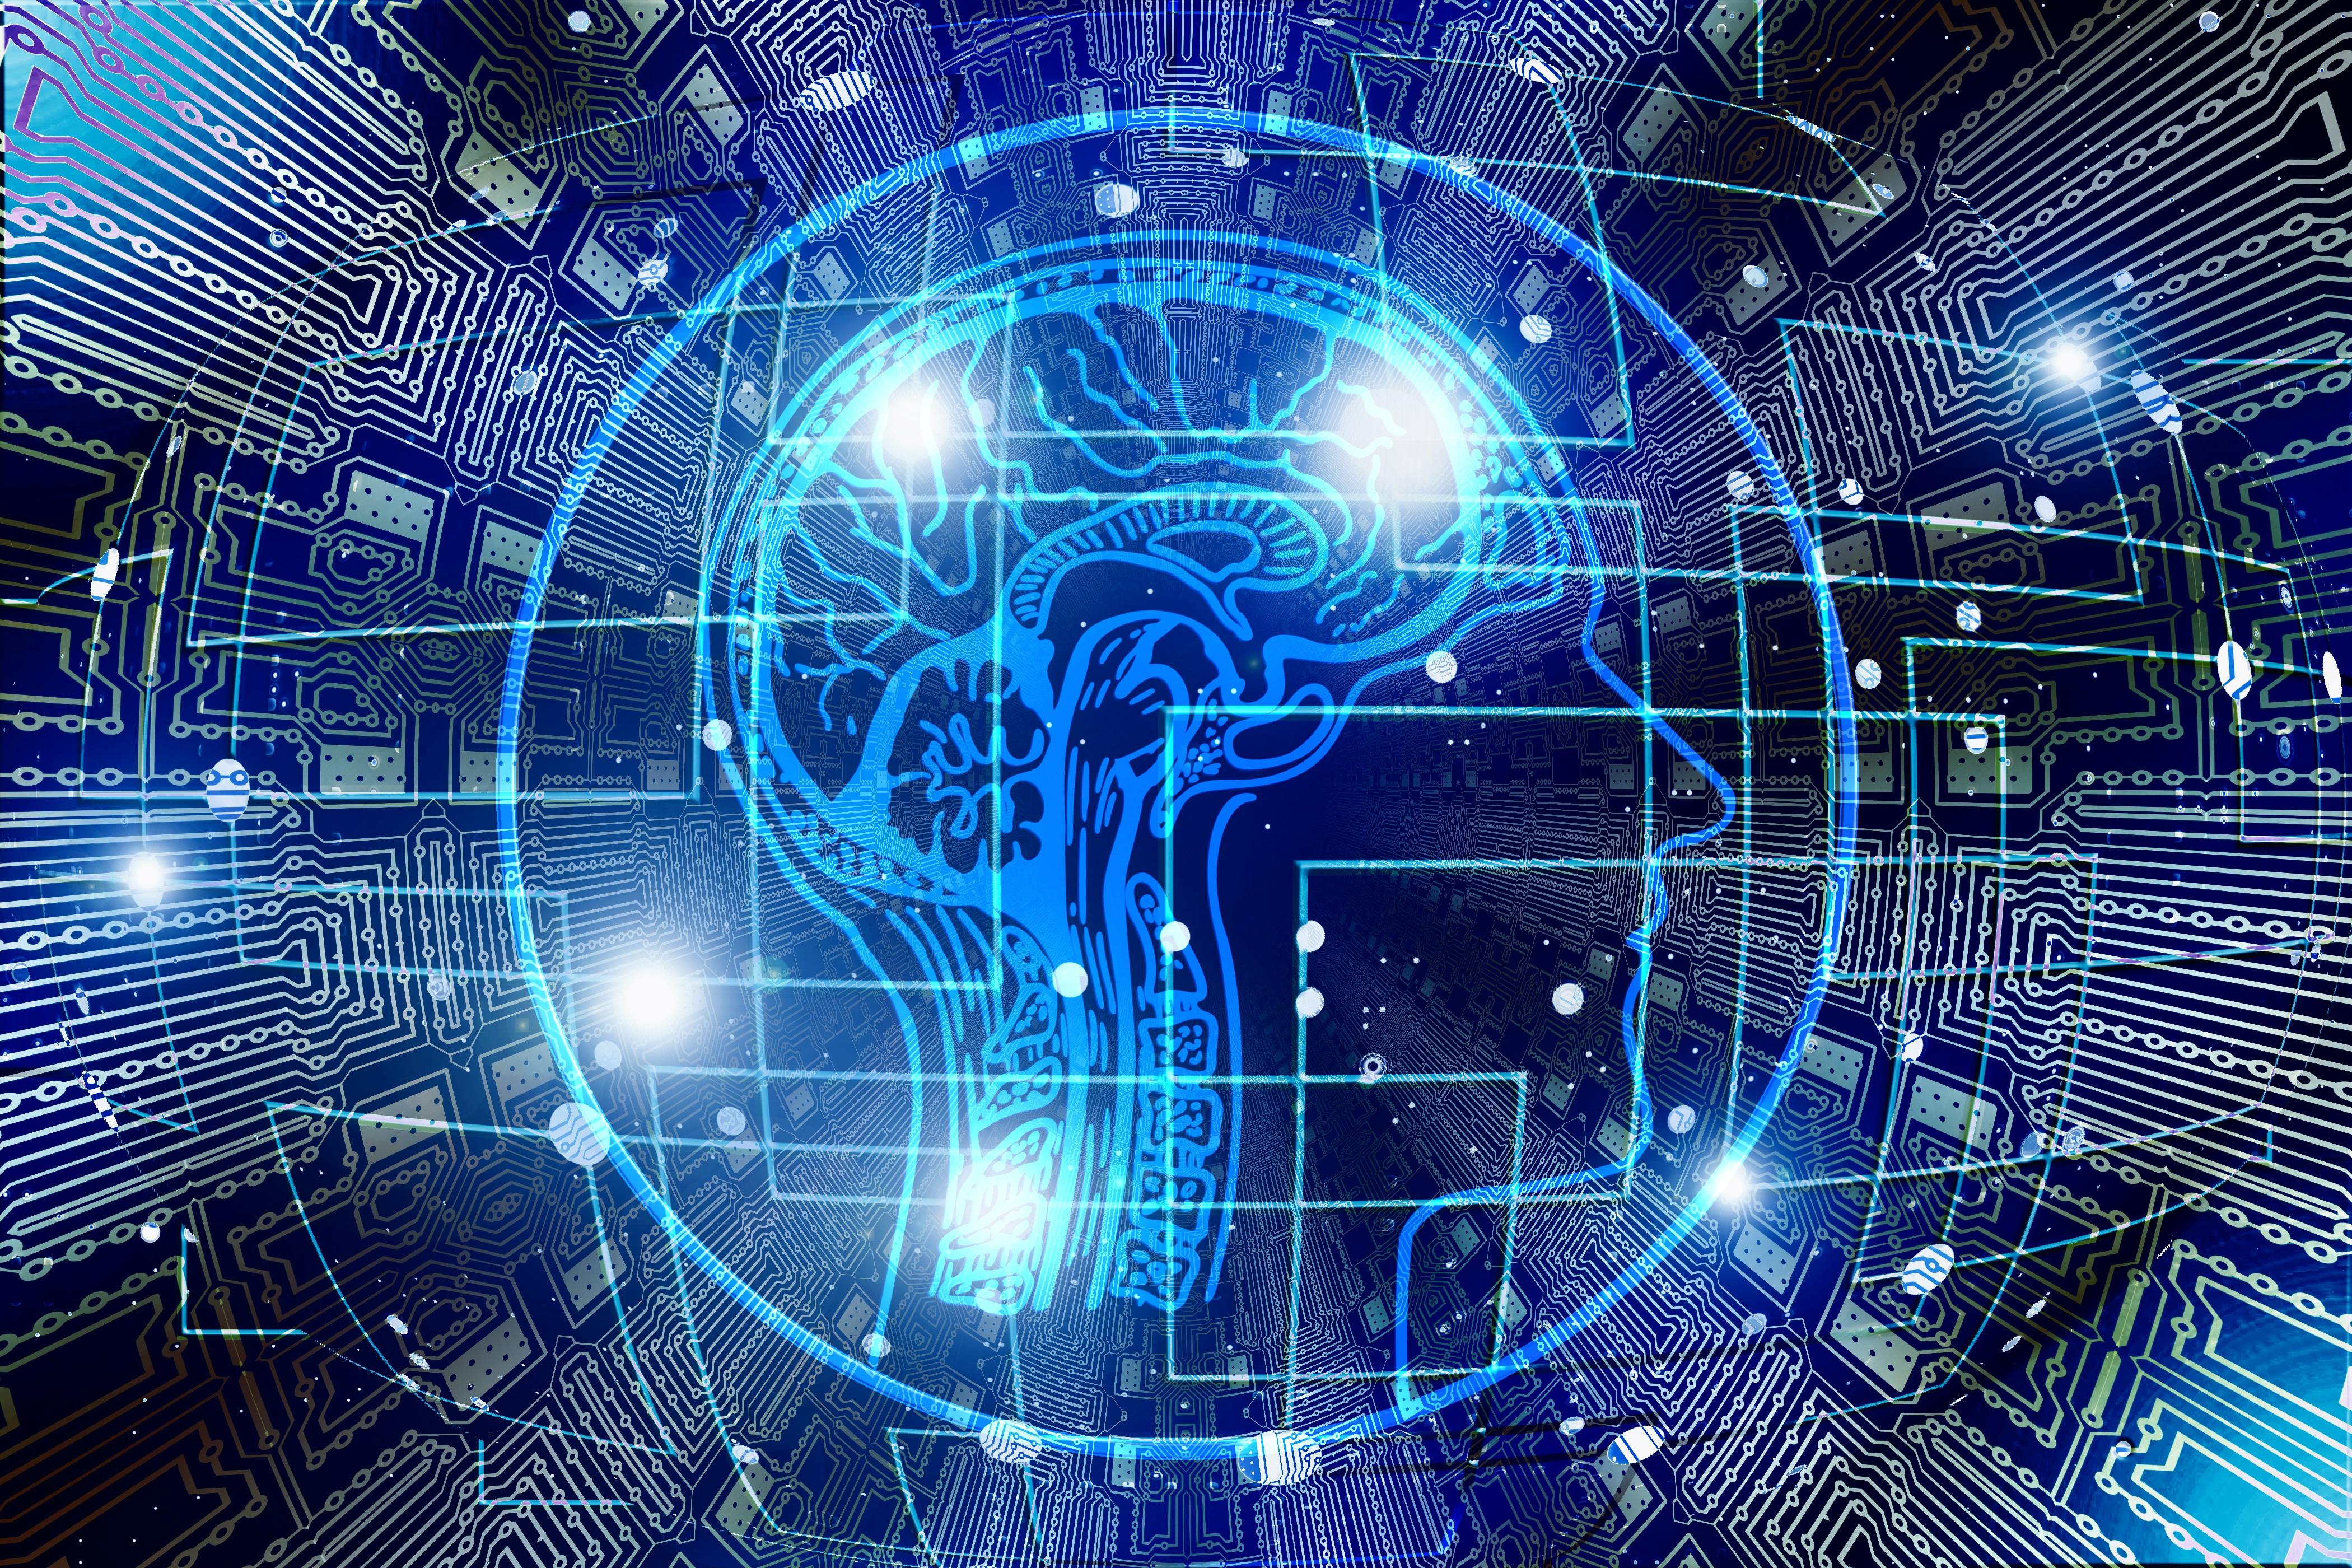 Elektromagnetinė spinduliuotė gali sukelti vėžį